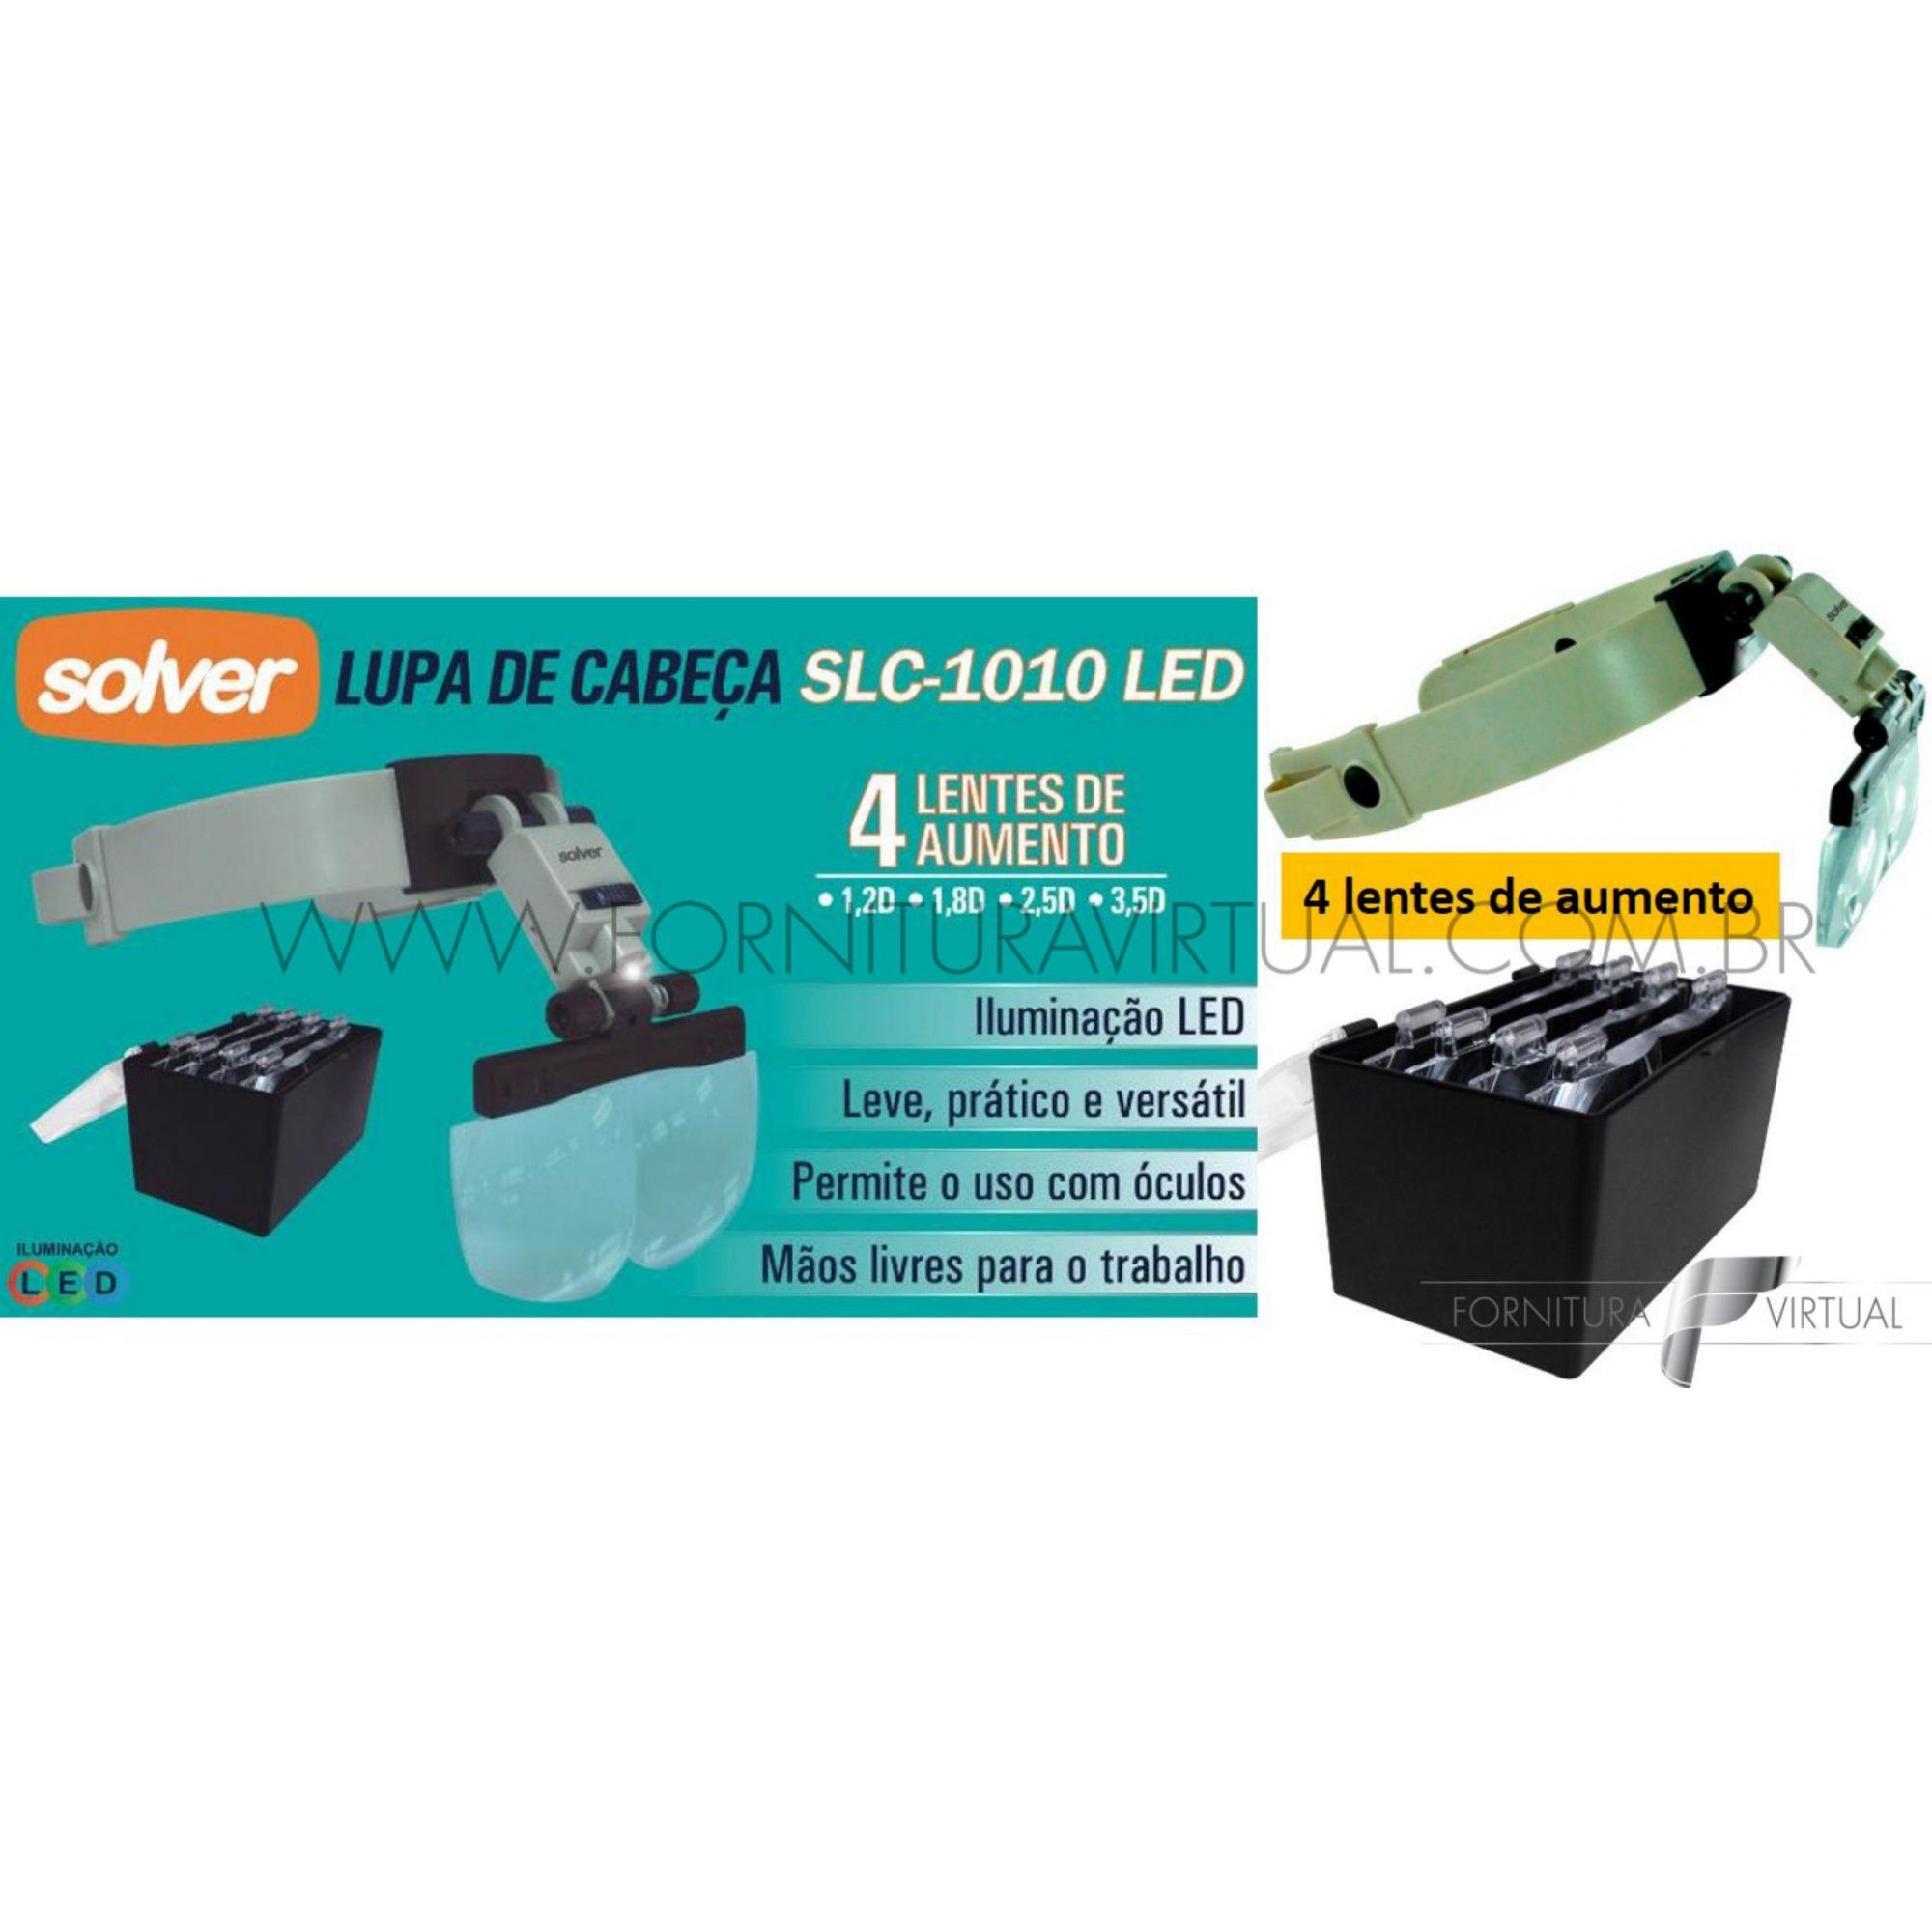 Lupa de Cabeça com LED - Solver SLC-1010